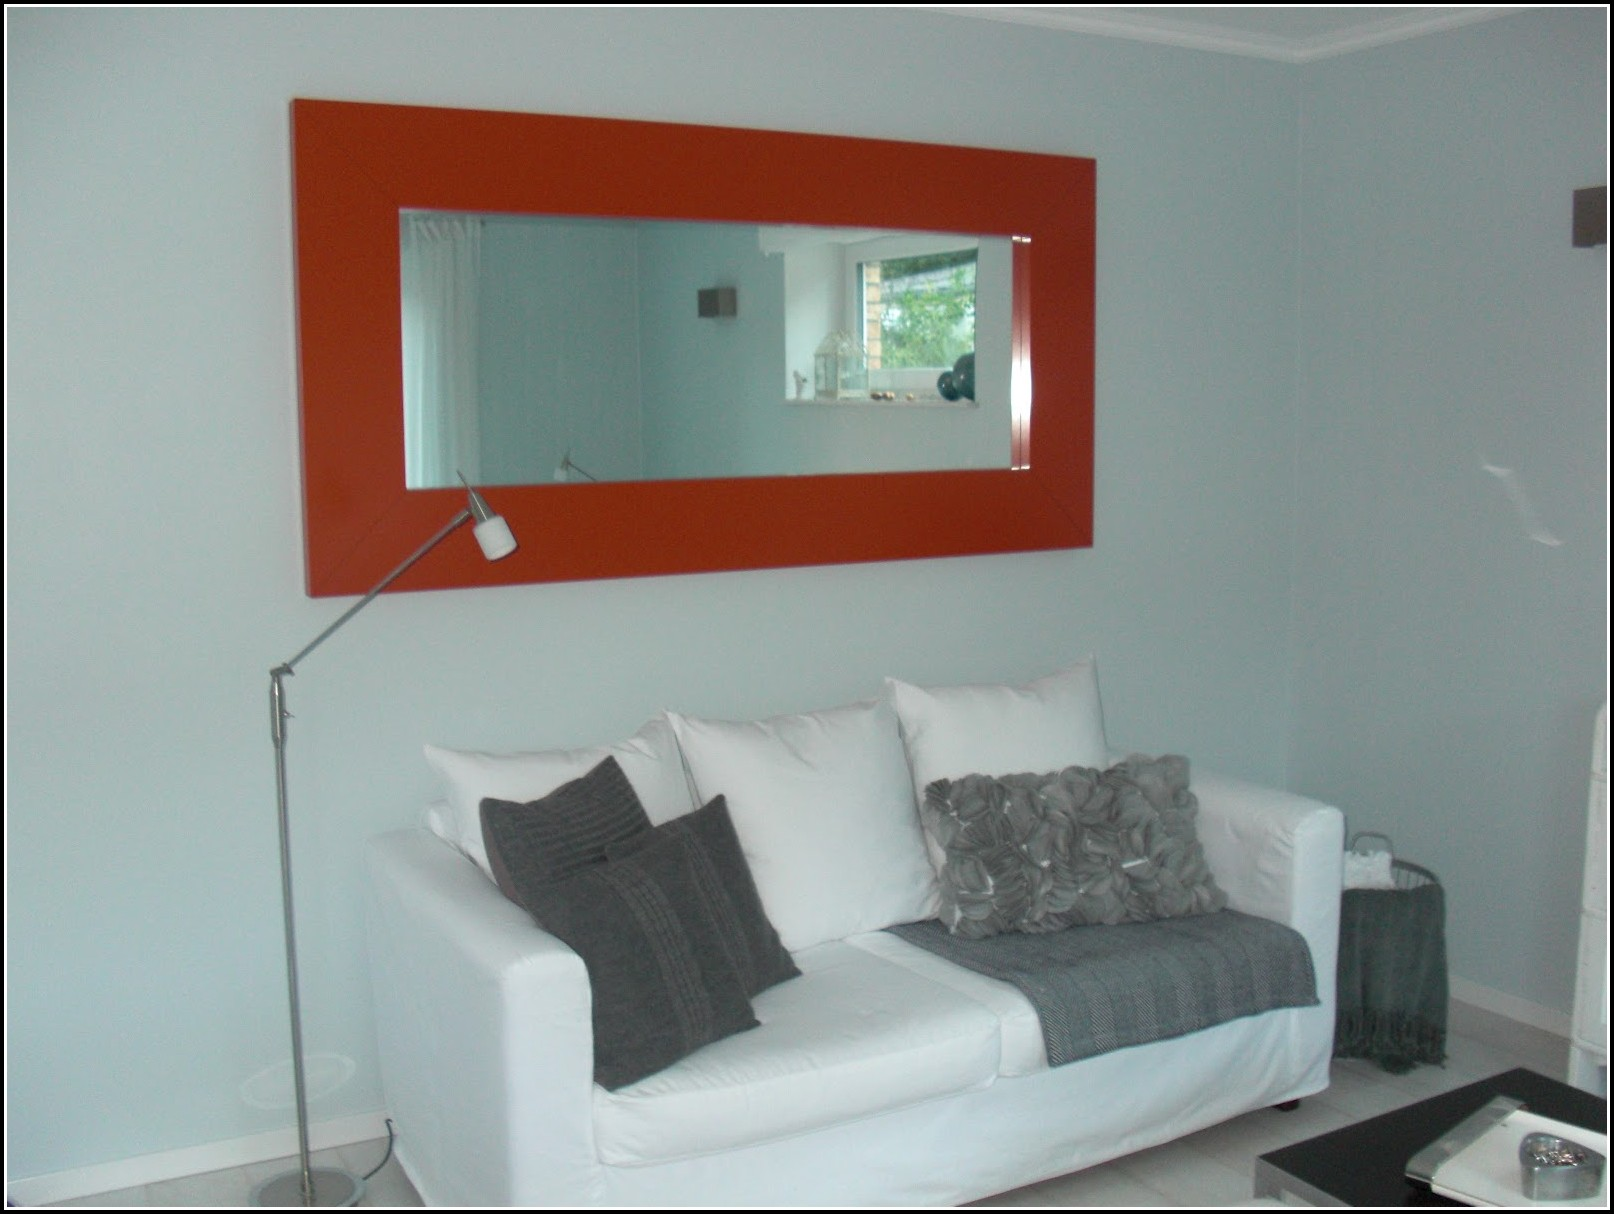 Spiegel Wohnzimmer - wohnzimmer : House und Dekor Galerie #5ek6paP1oP